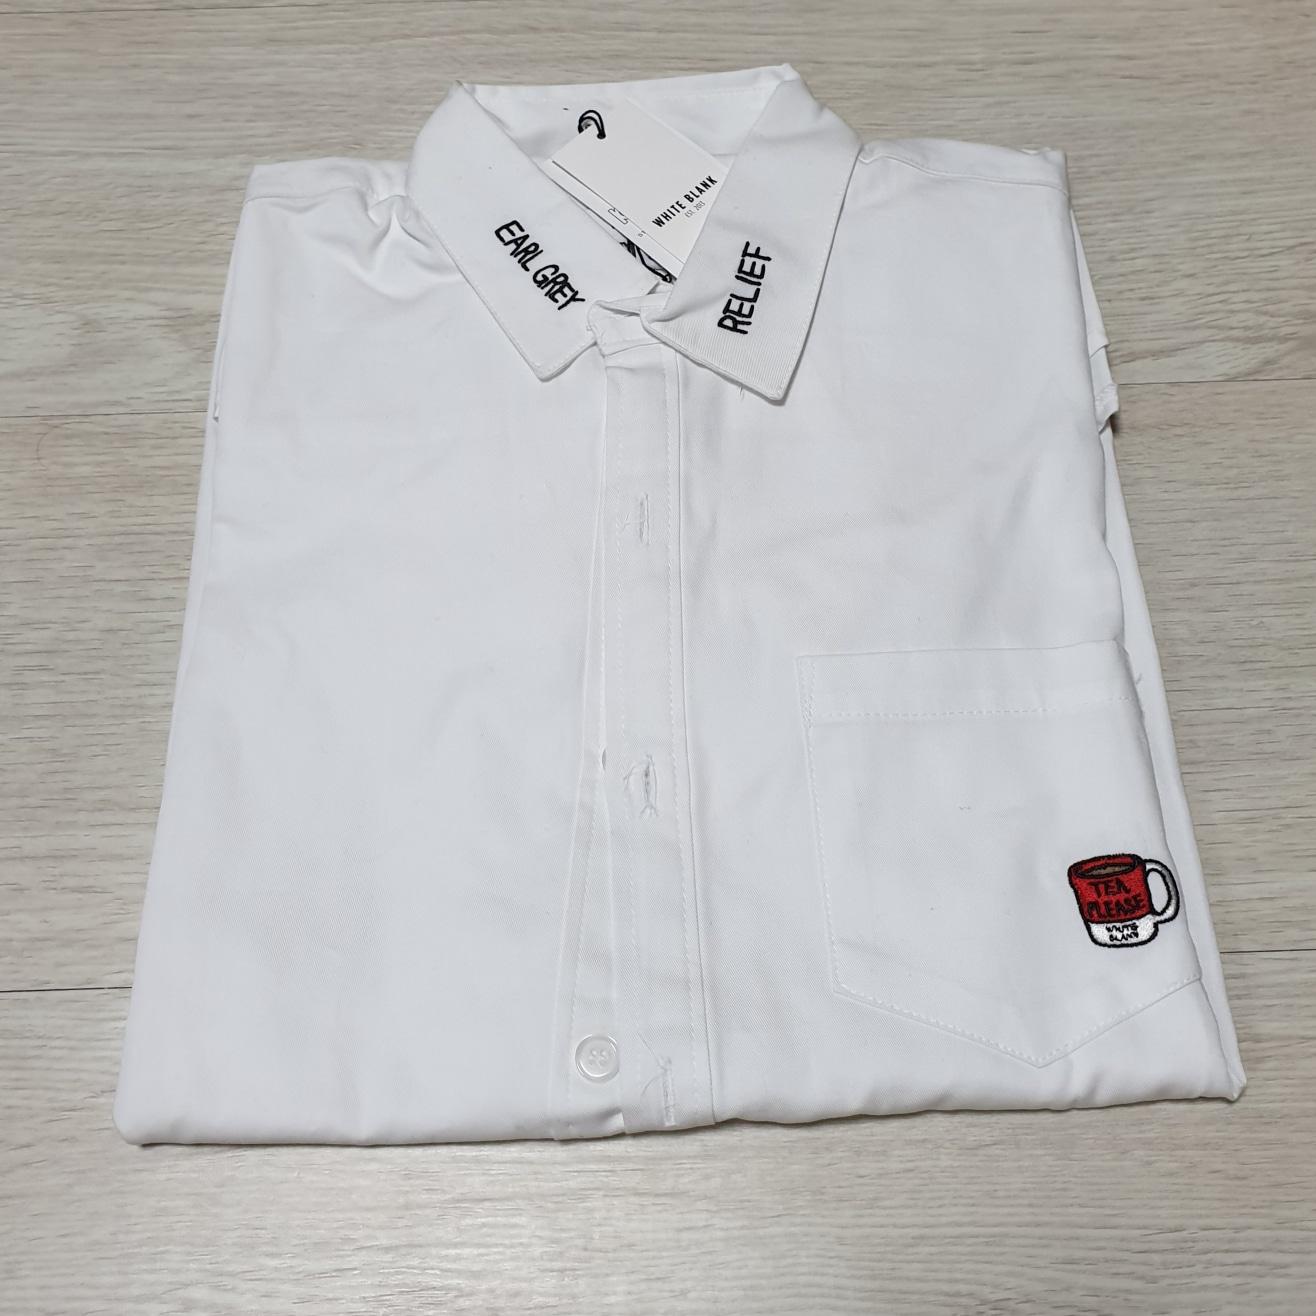 화이트블랭크 자수 셔츠 남방 s 새상품 -무료택배